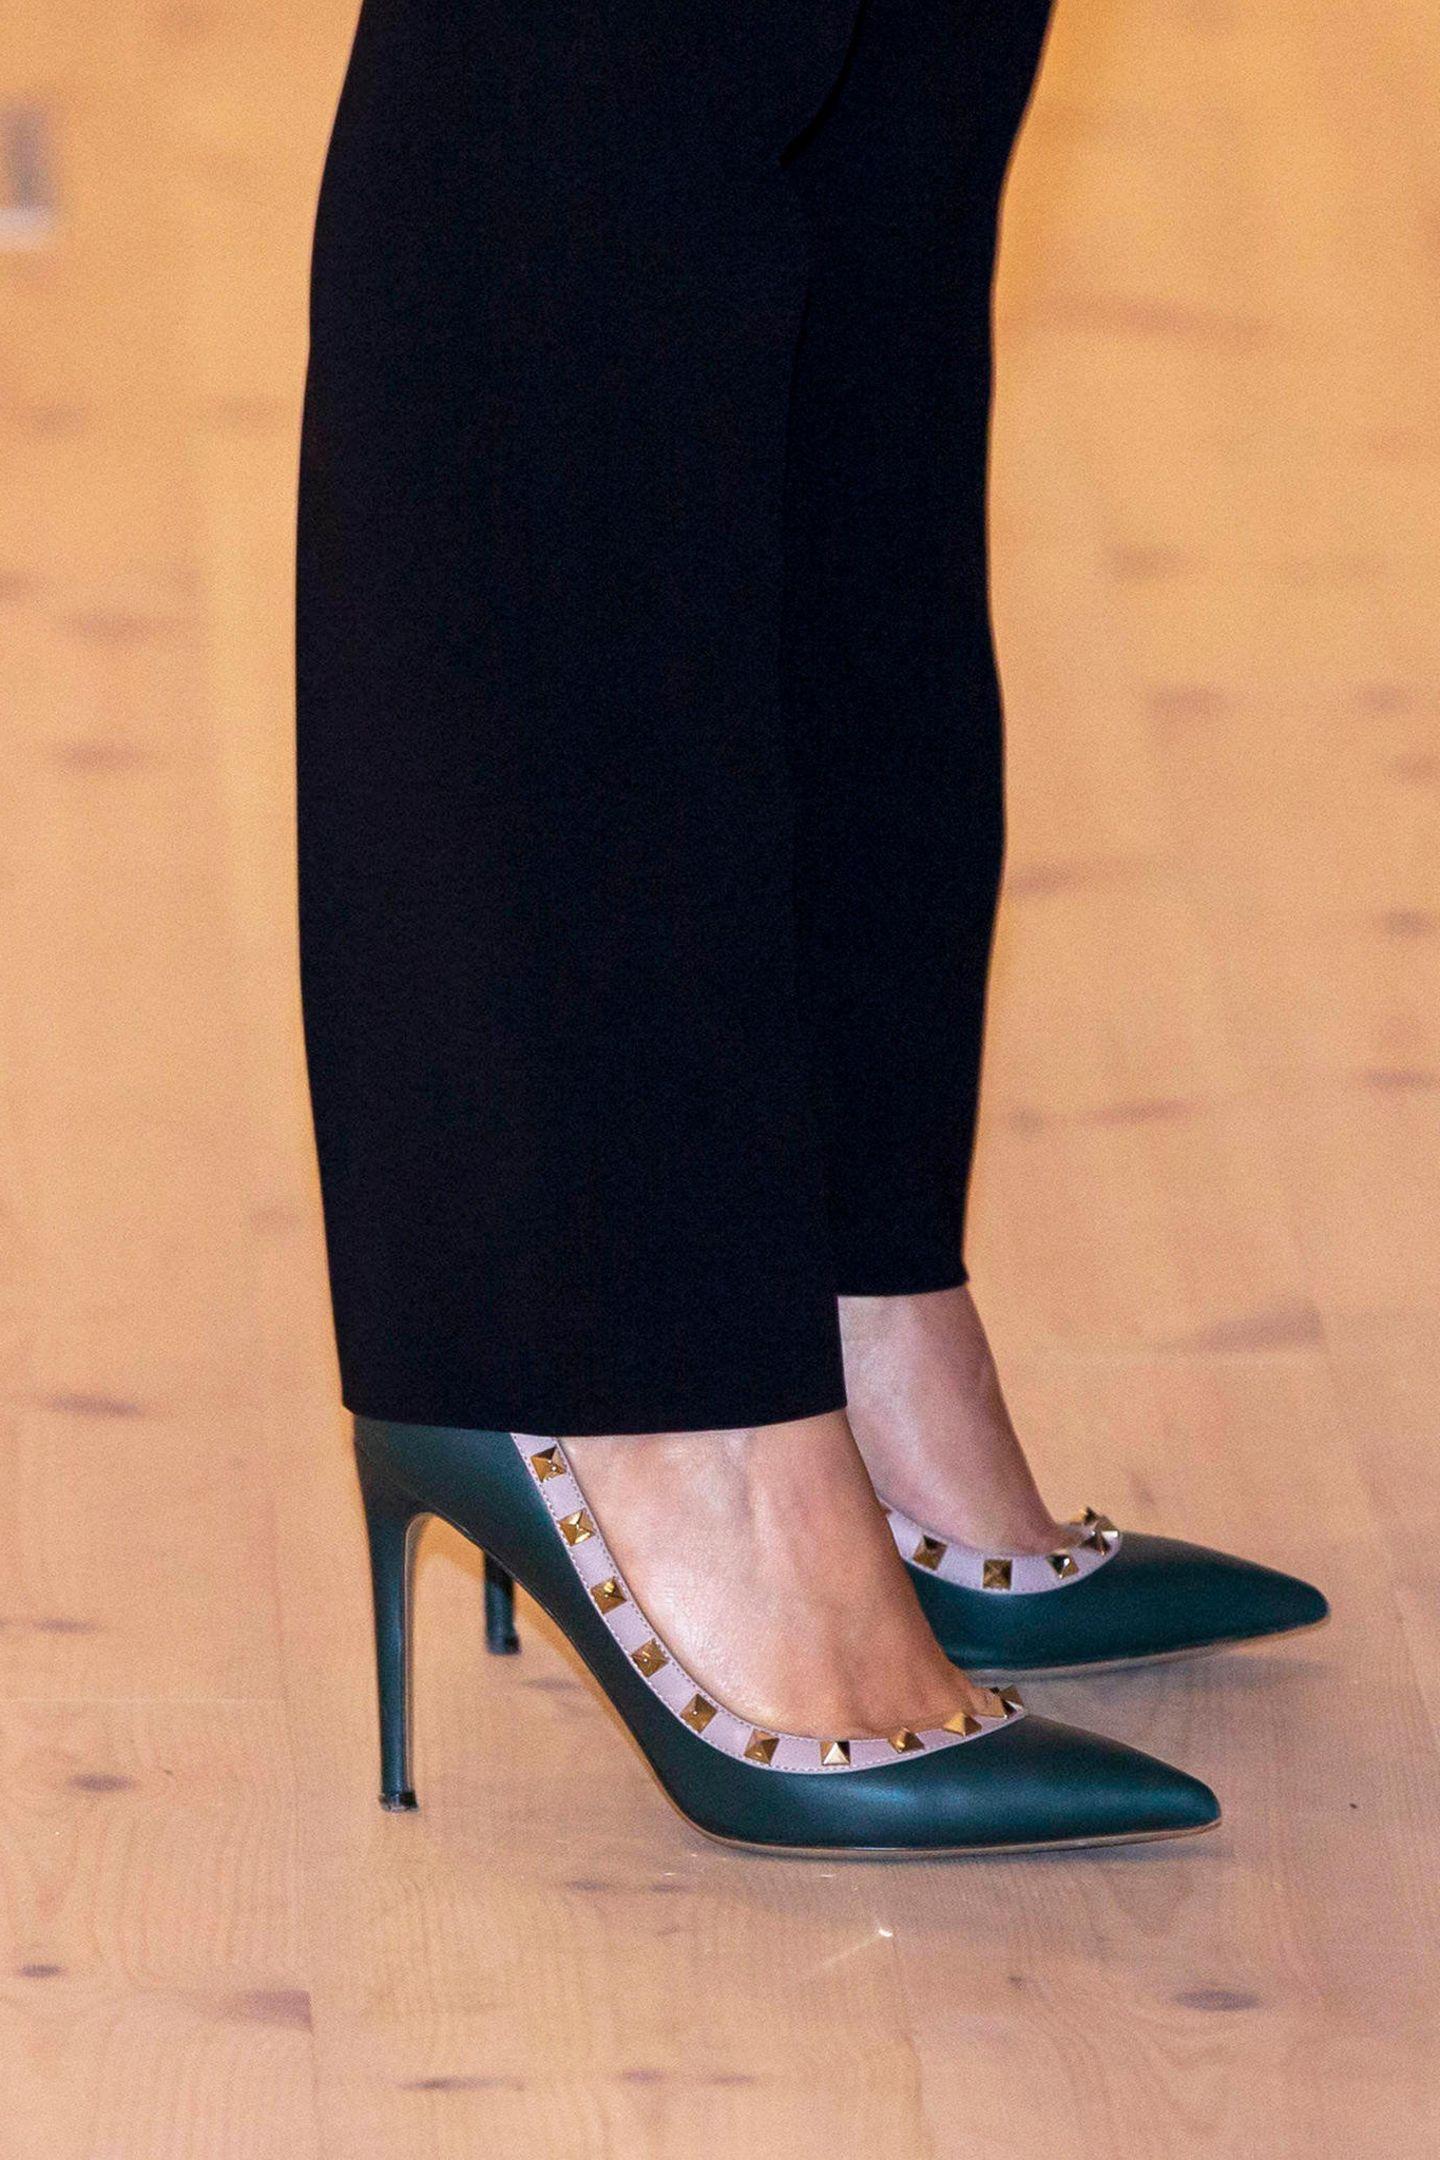 """Marys """"Rockstud""""-Heels von Valentino (rund 600 Euro) sind nämlich ein absolutes Must-Have für jede Fashionista."""